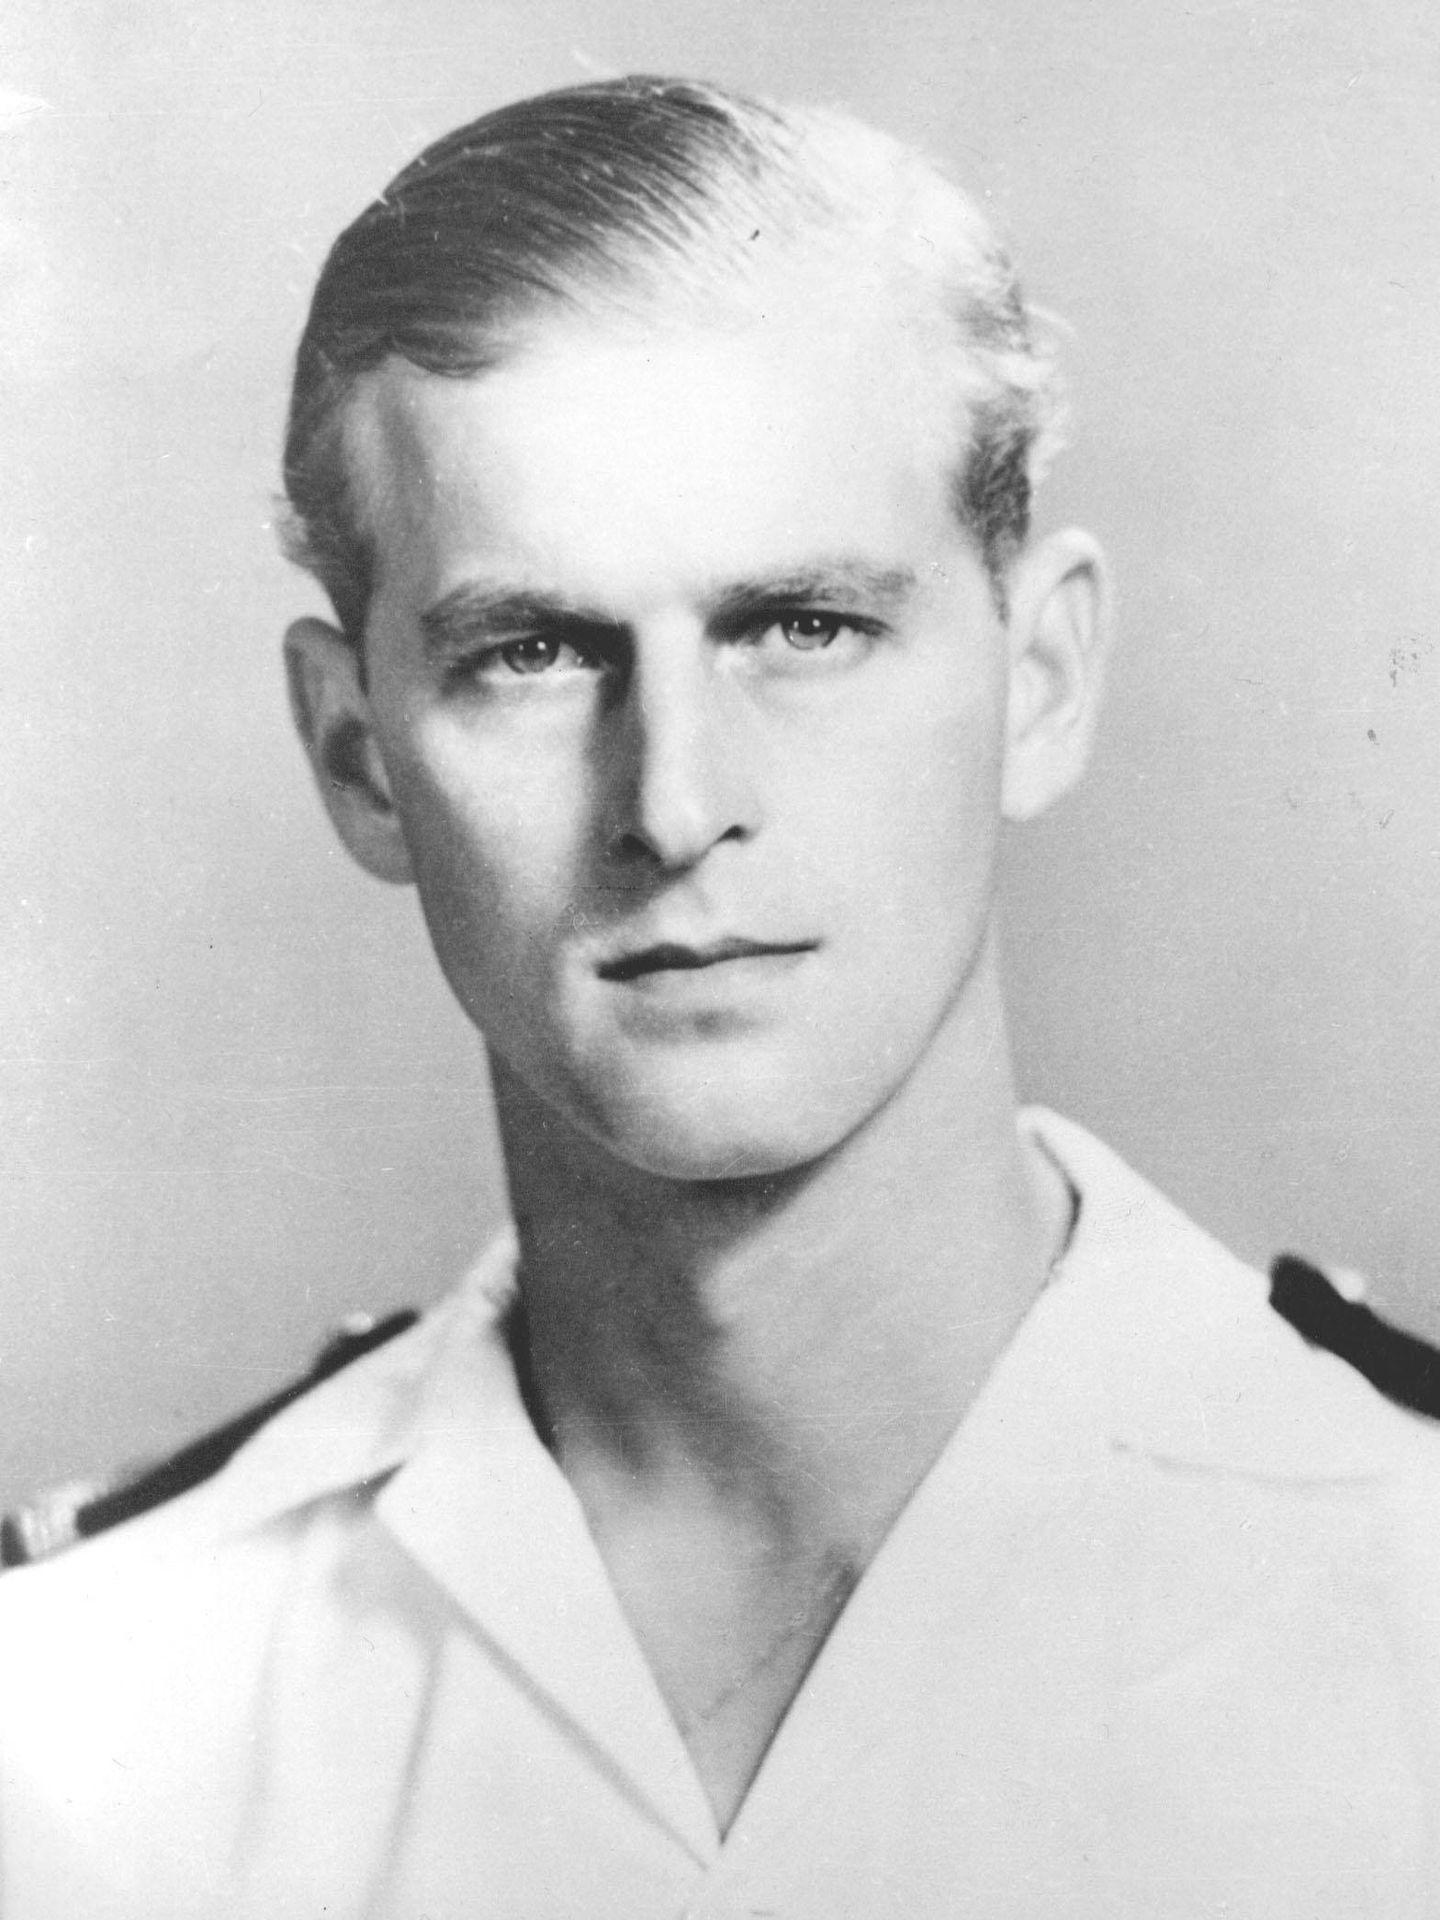 Retrato del duque de Edimburgo como comandante de la fragata Magpie en Malta. (Cordon Press)